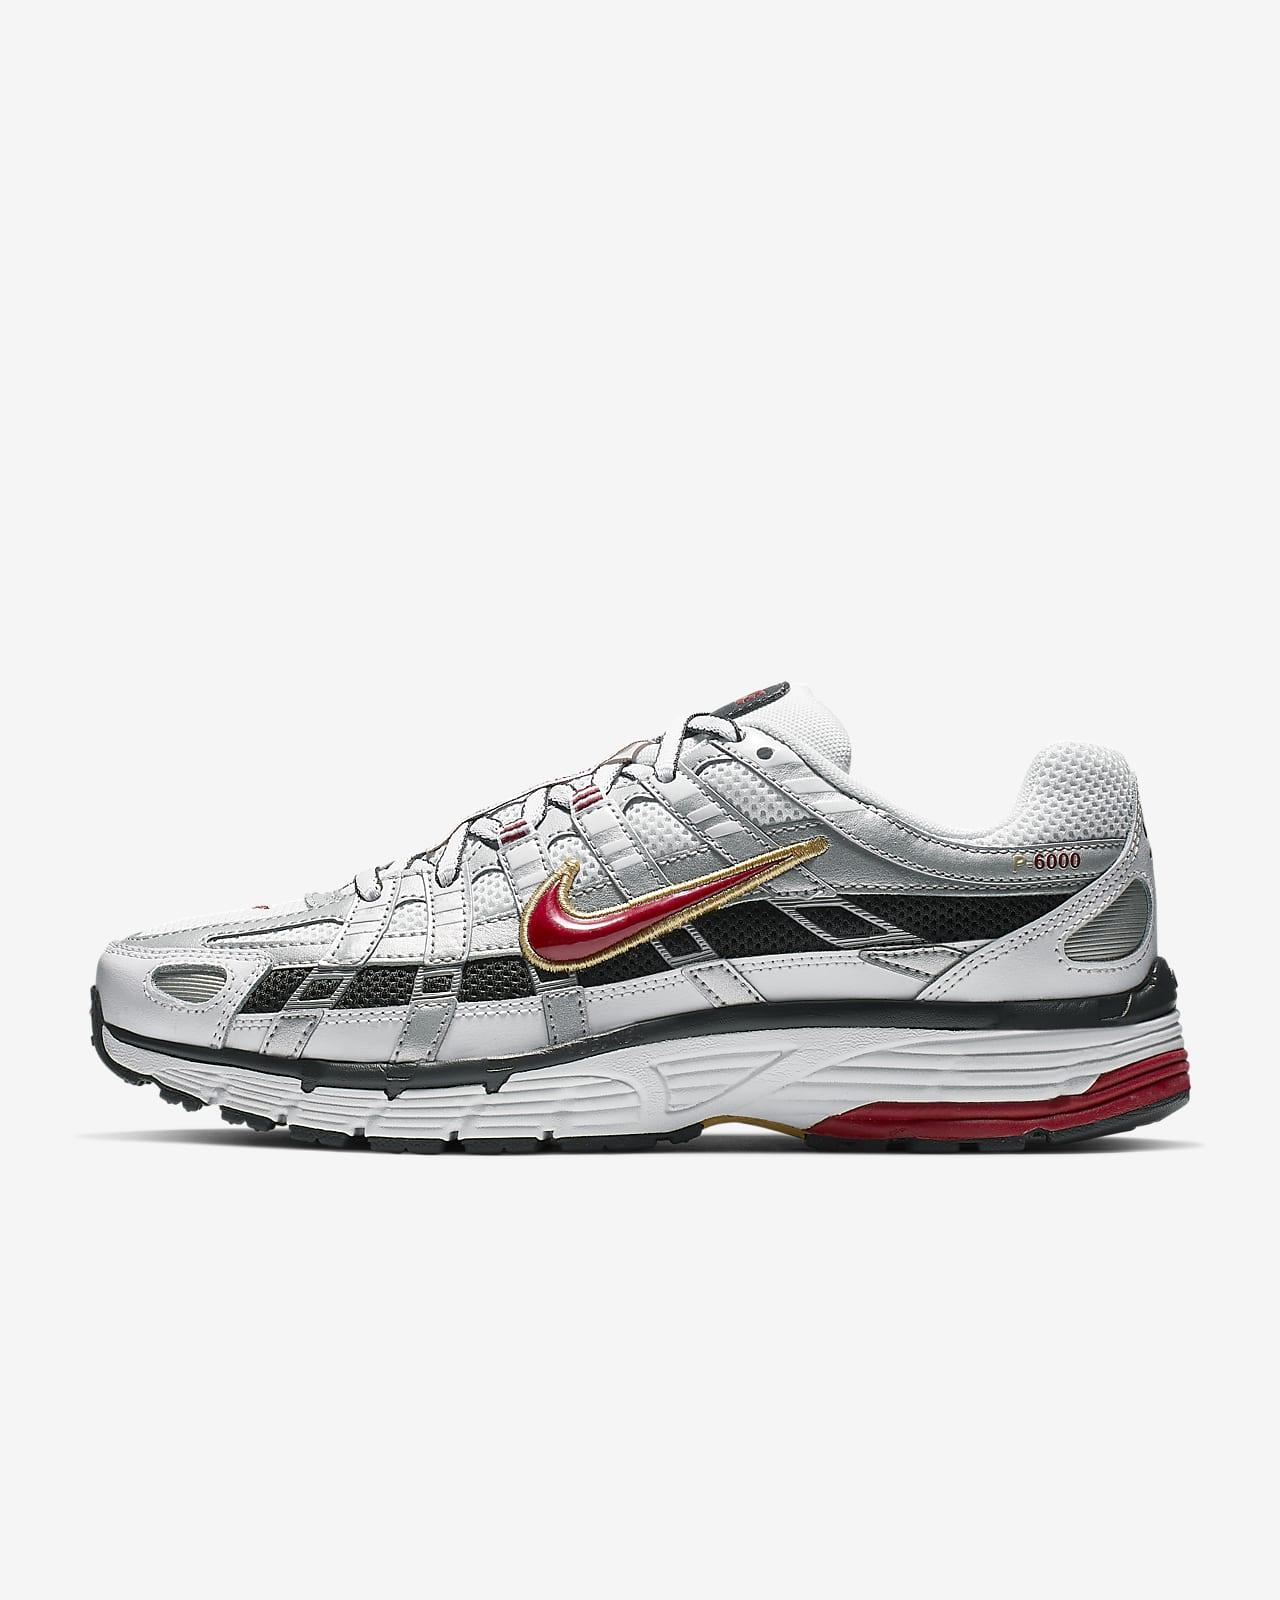 Nike P-6000 Shoe